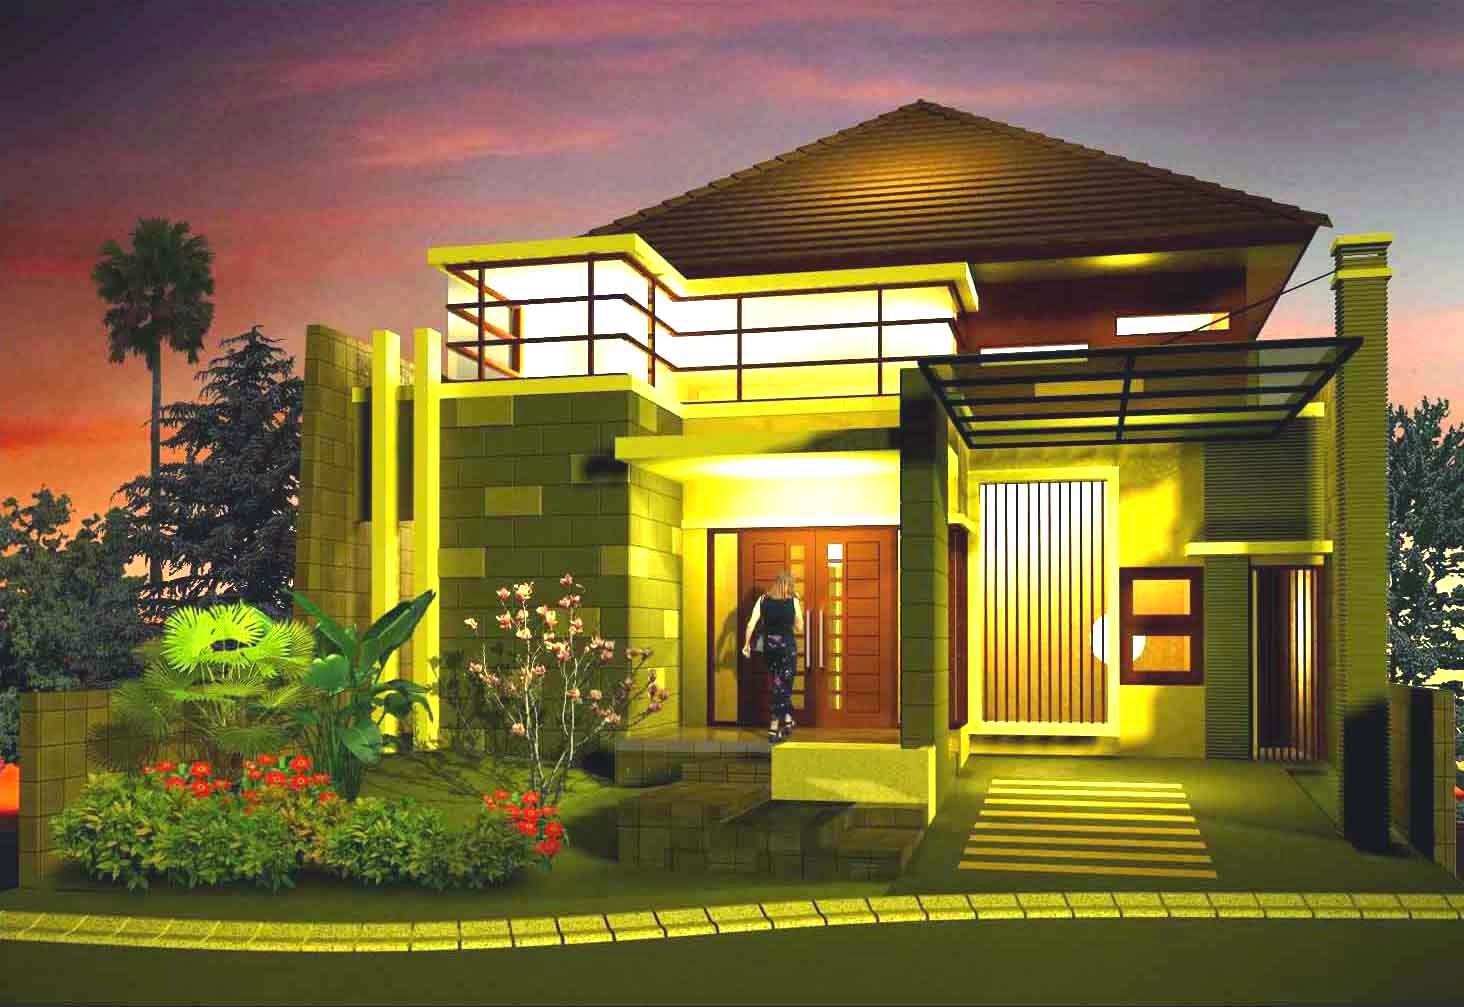 Gambar Desain Interior Rumah Korea Minimalis | Desain Rumah